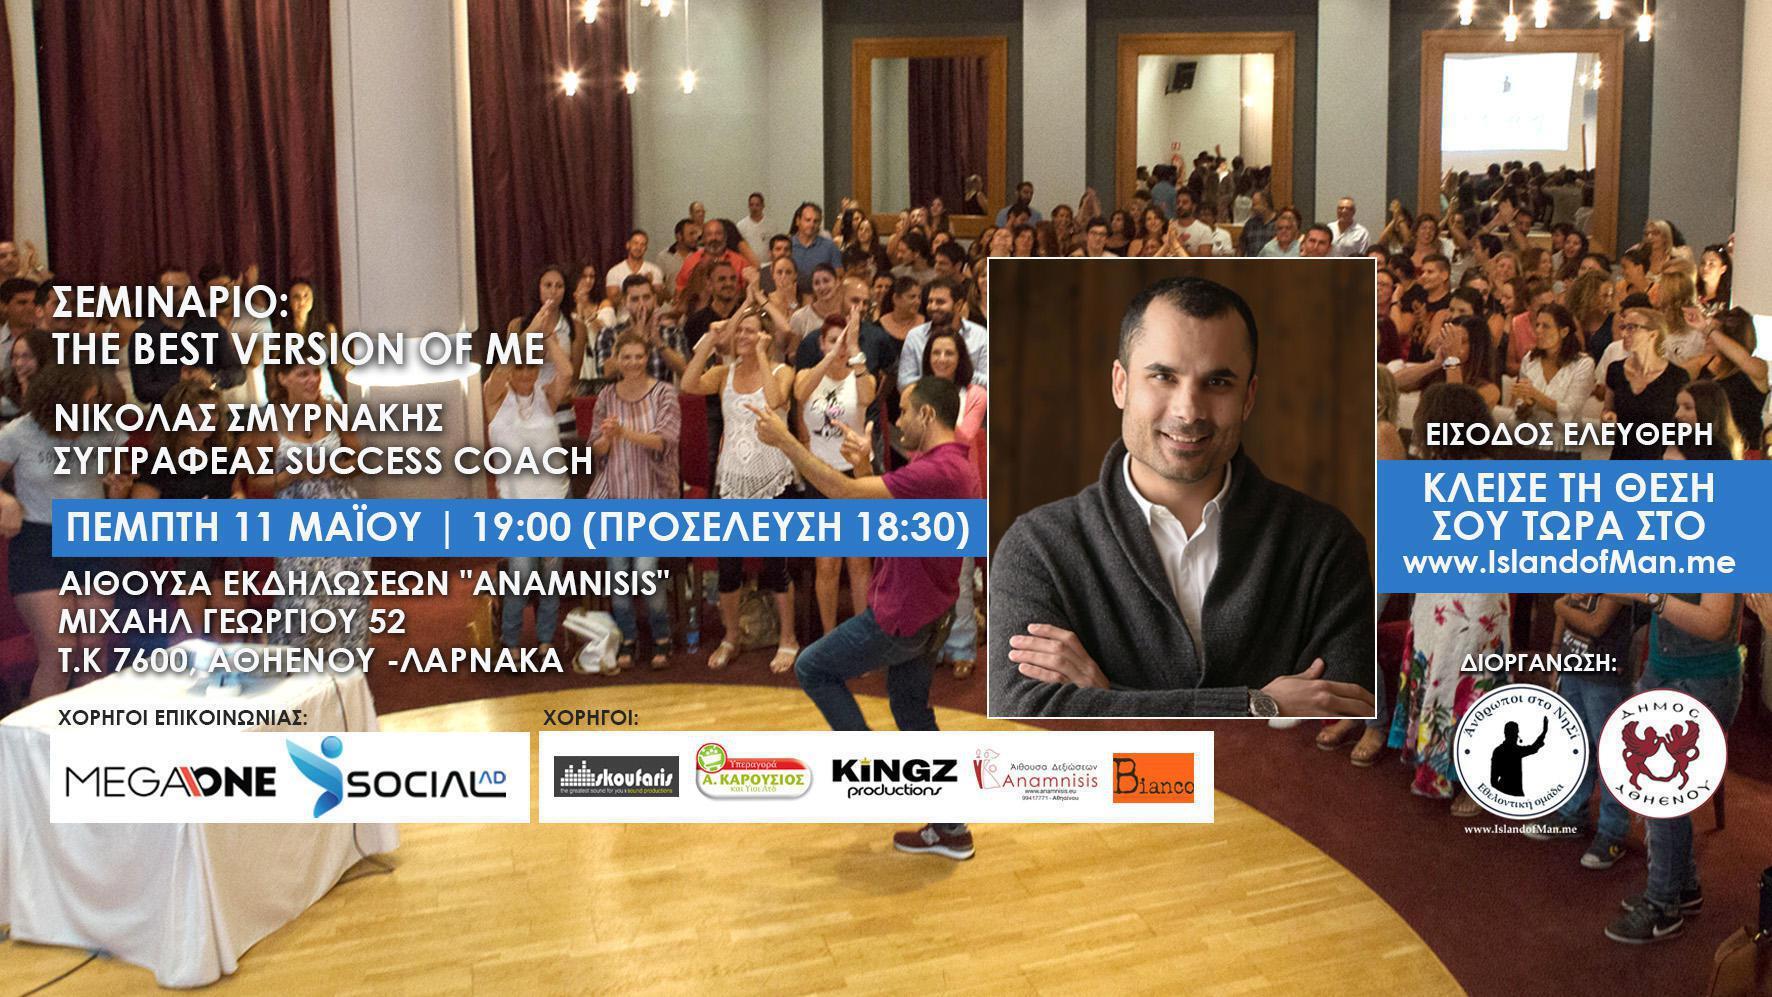 seminar_NicolaSmyrnakis_coverphoto